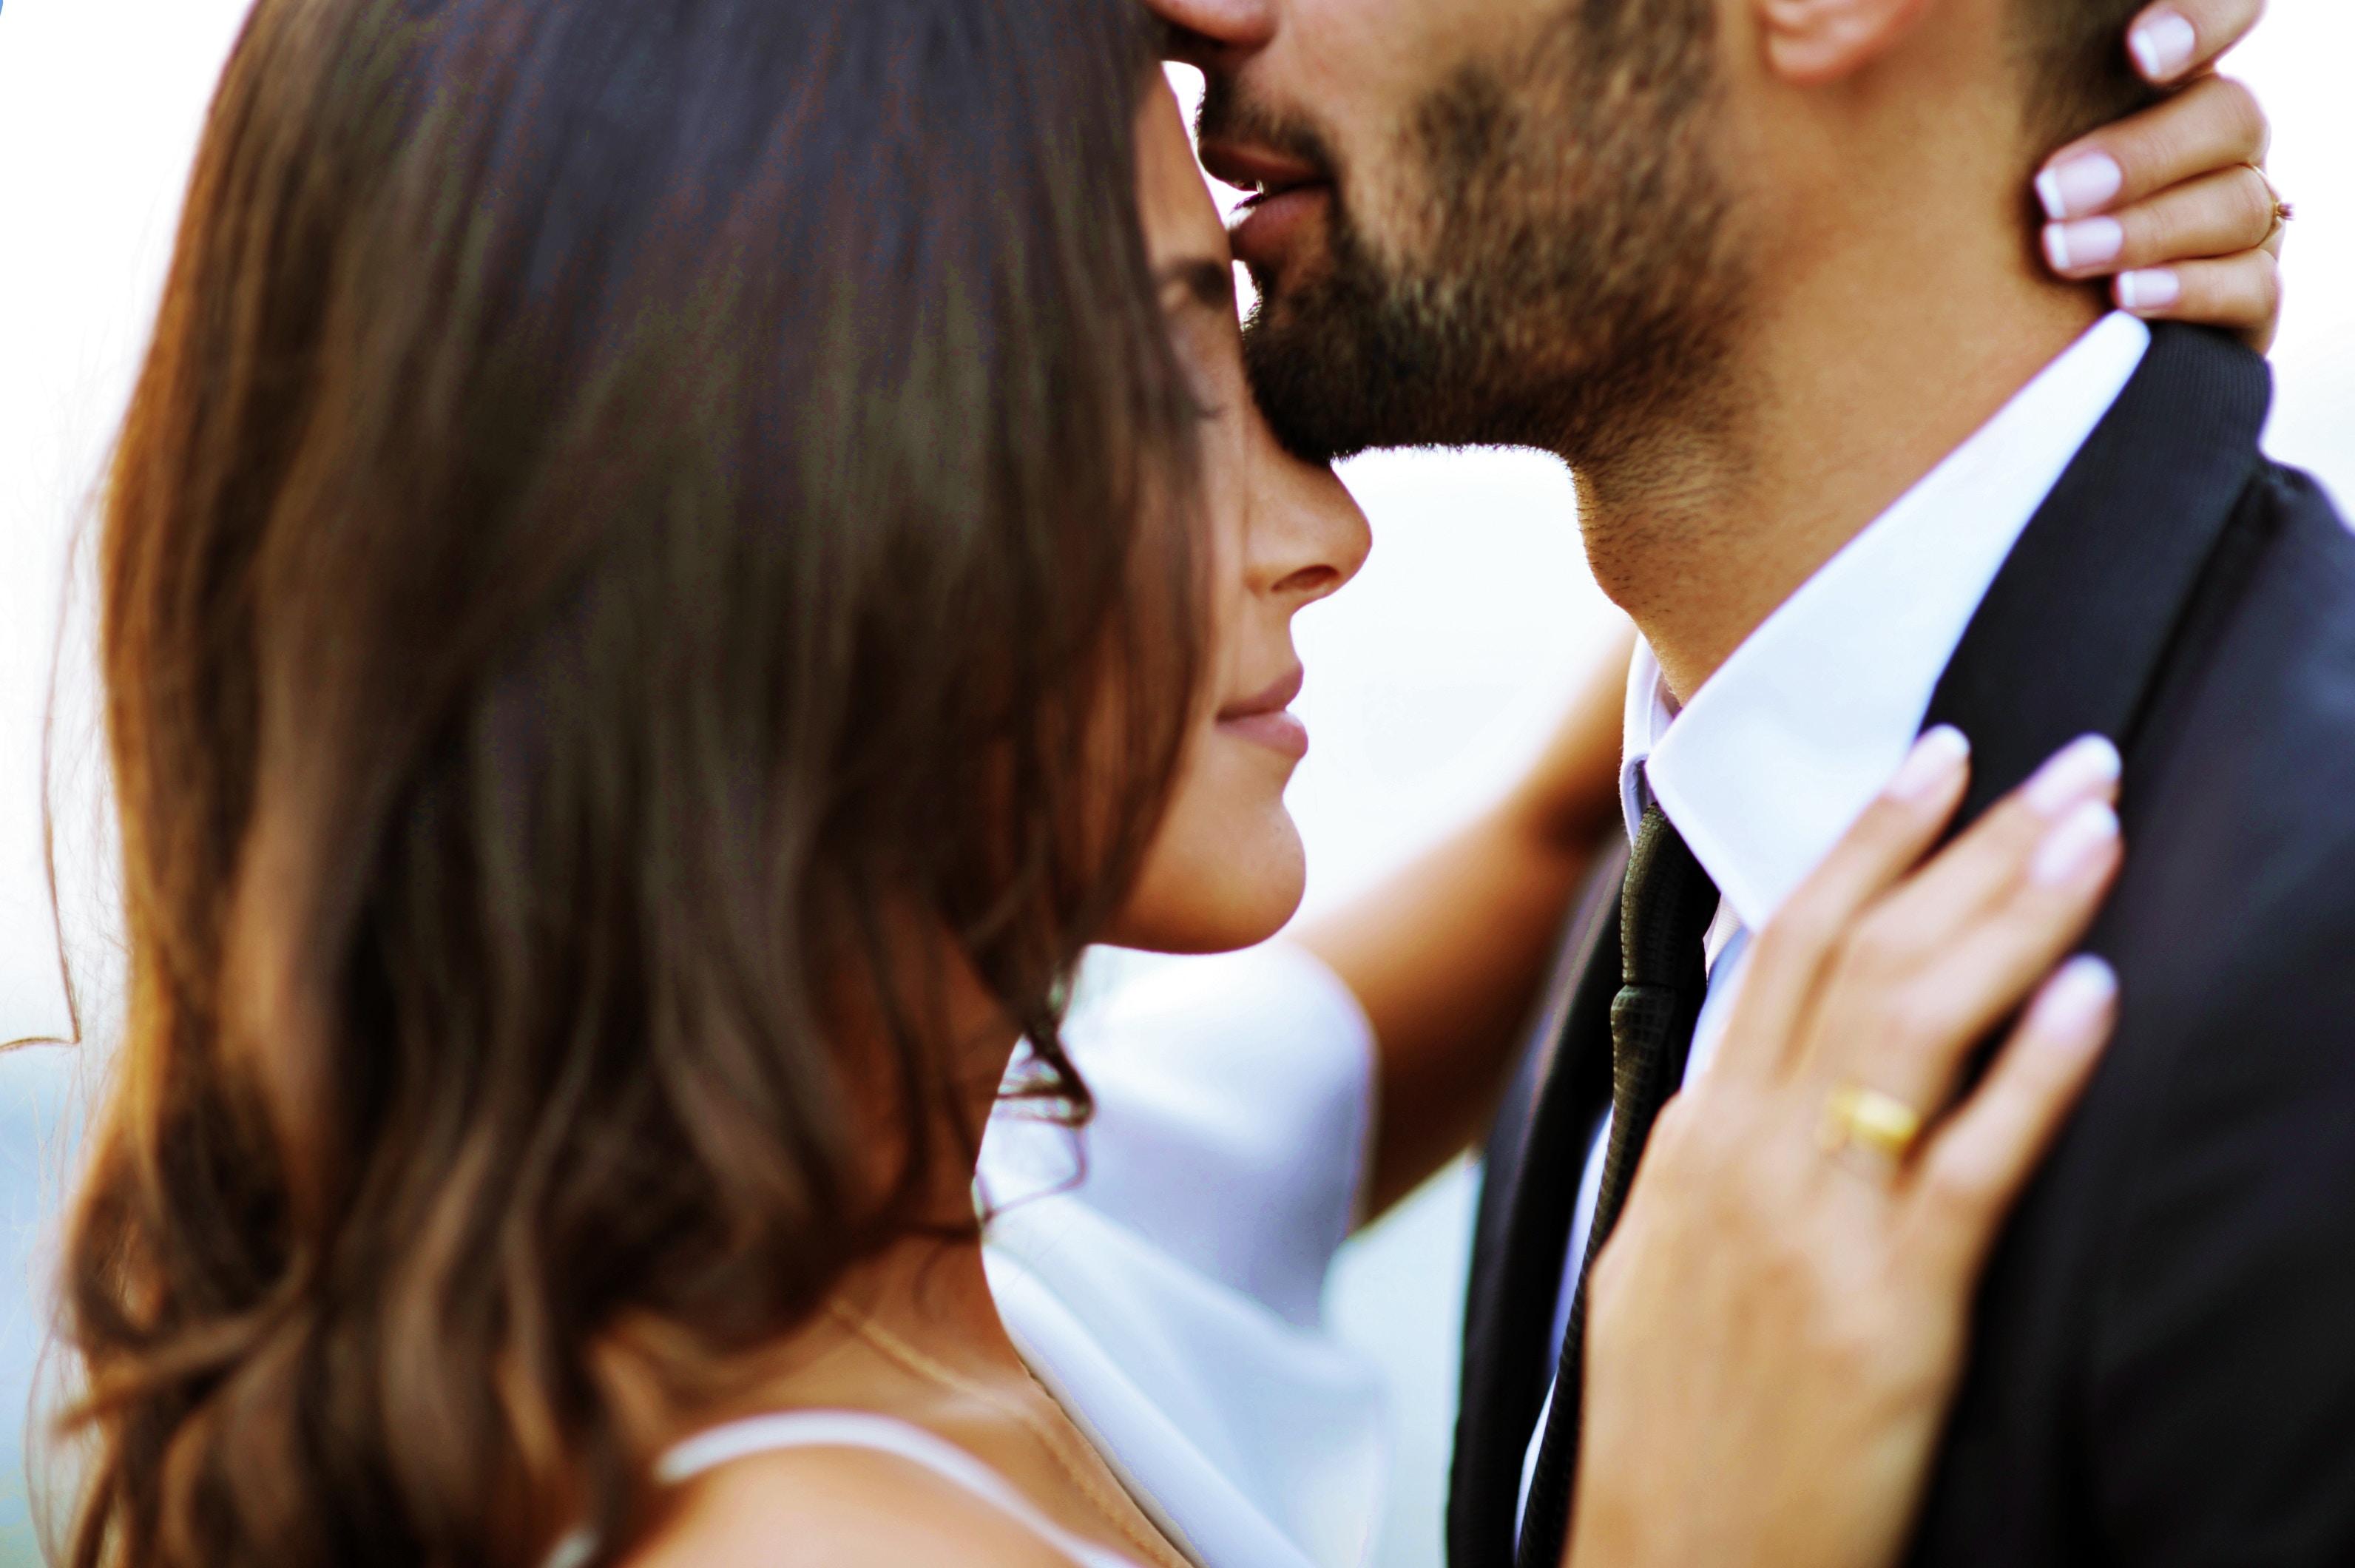 תעשה את הדבר ה1 הזה בזוגיות שלך והיא תישאר שלך לנצח